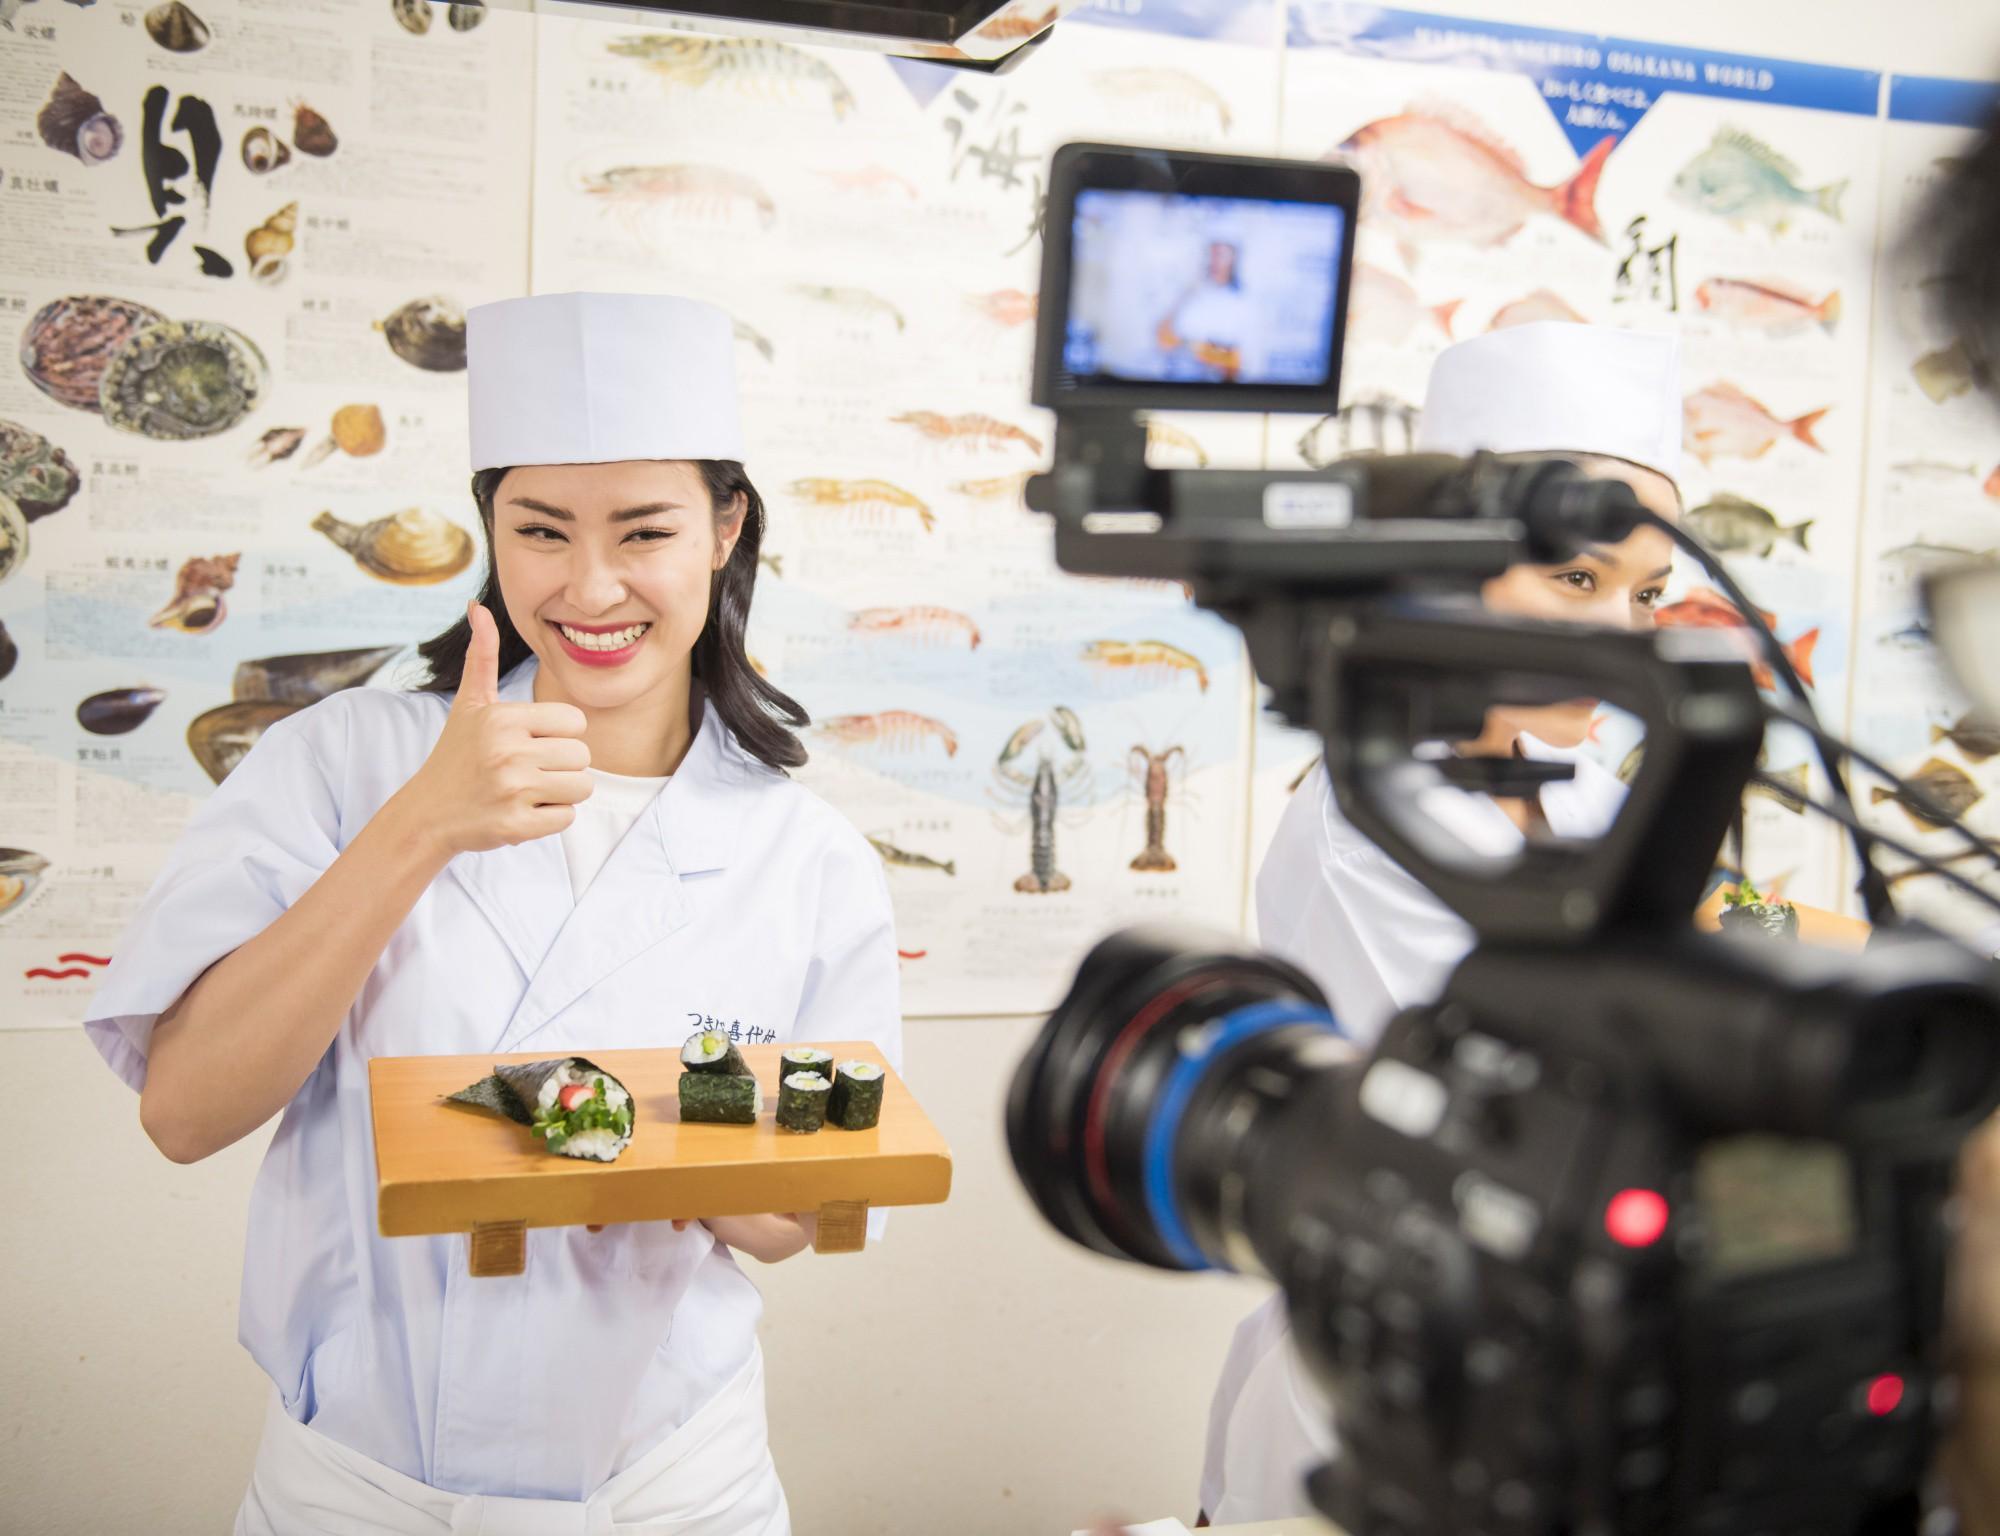 Đông Nhi hào hứng học làm sushi, cùng nghệ sĩ các nước ASEAN khám phá Nhật Bản - Ảnh 11.